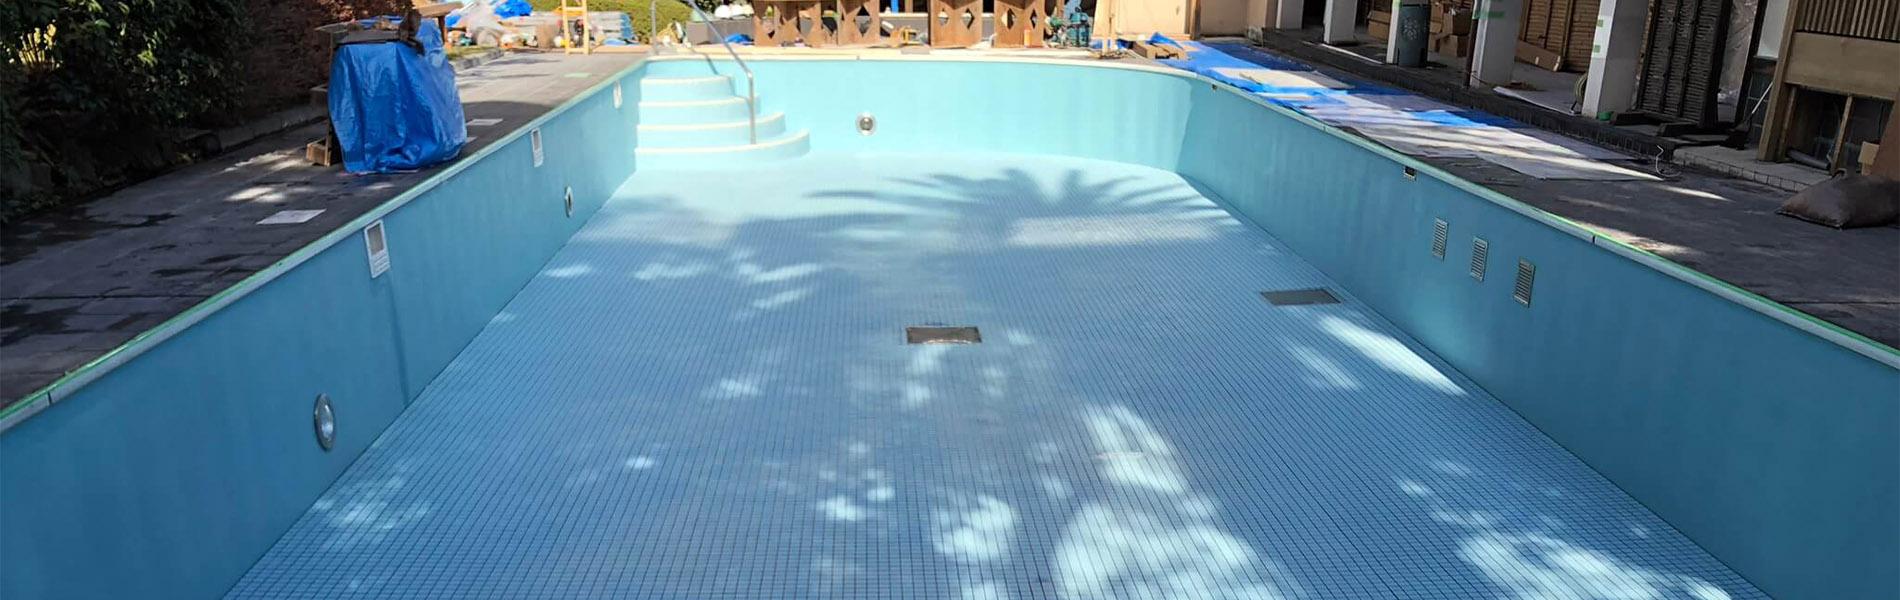 プール洗浄